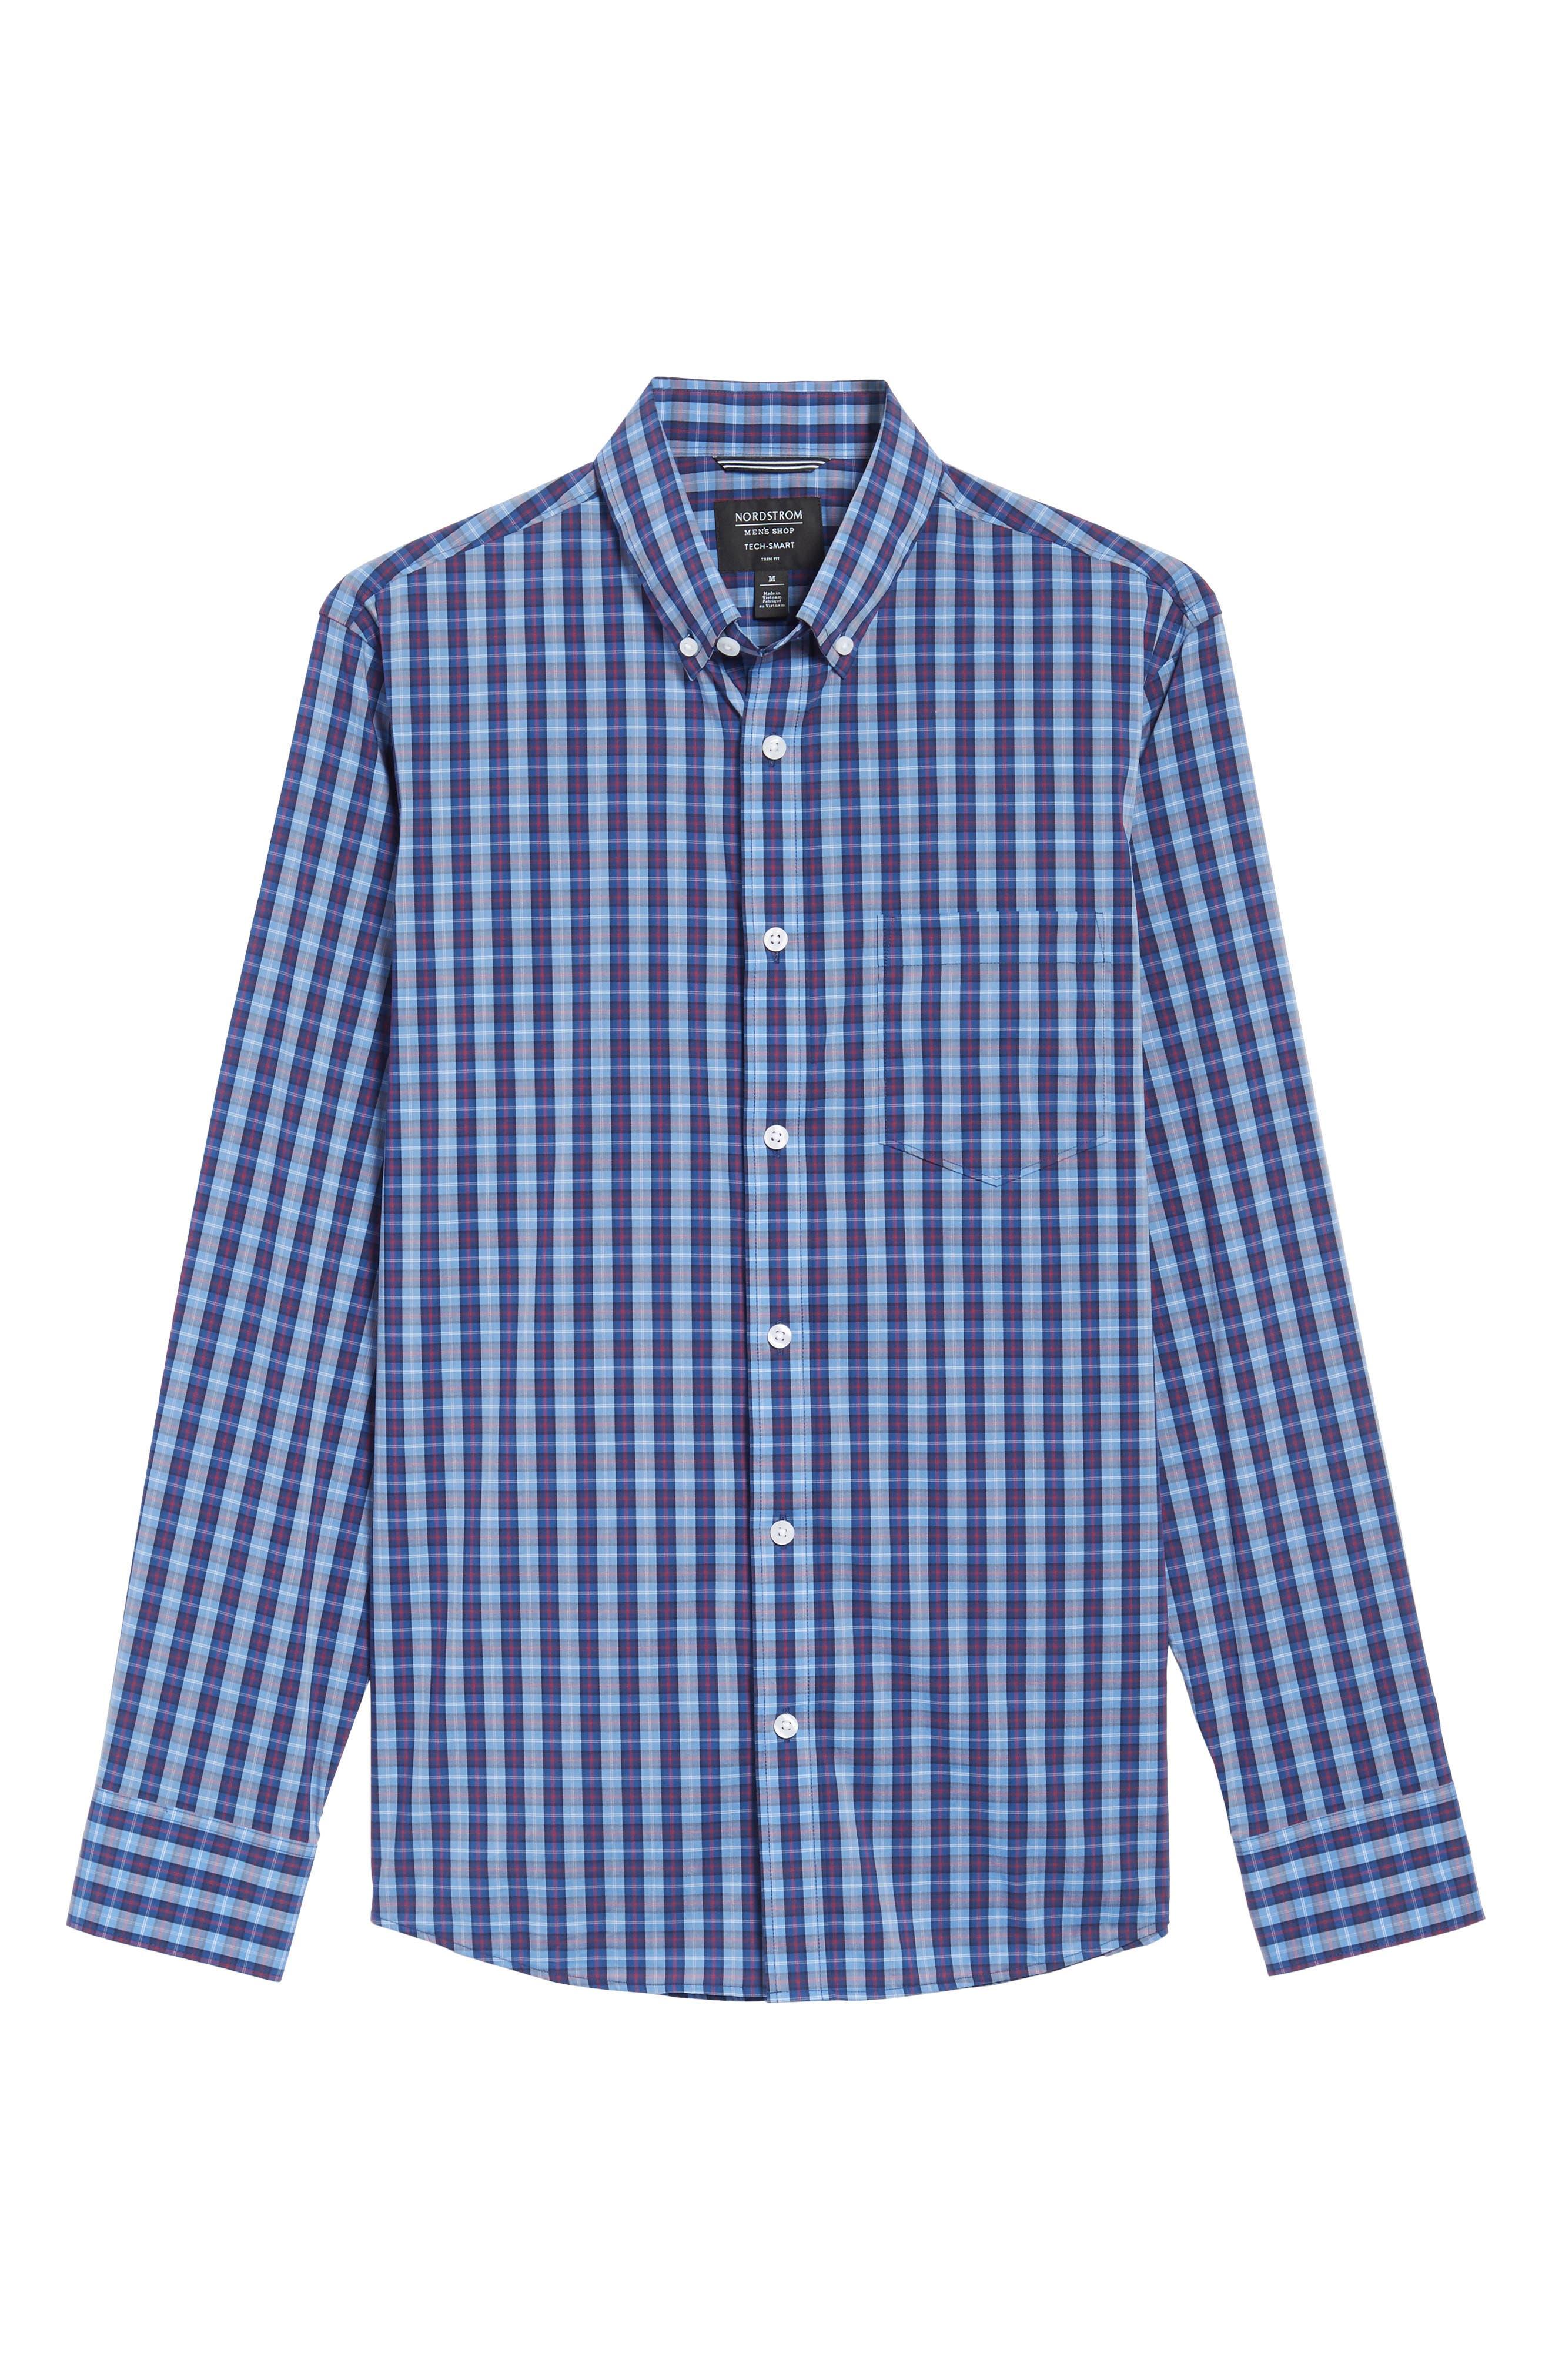 Trim Fit Tech-Smart Plaid Sport Shirt,                             Alternate thumbnail 6, color,                             Blue Hydrangea Navy Plaid